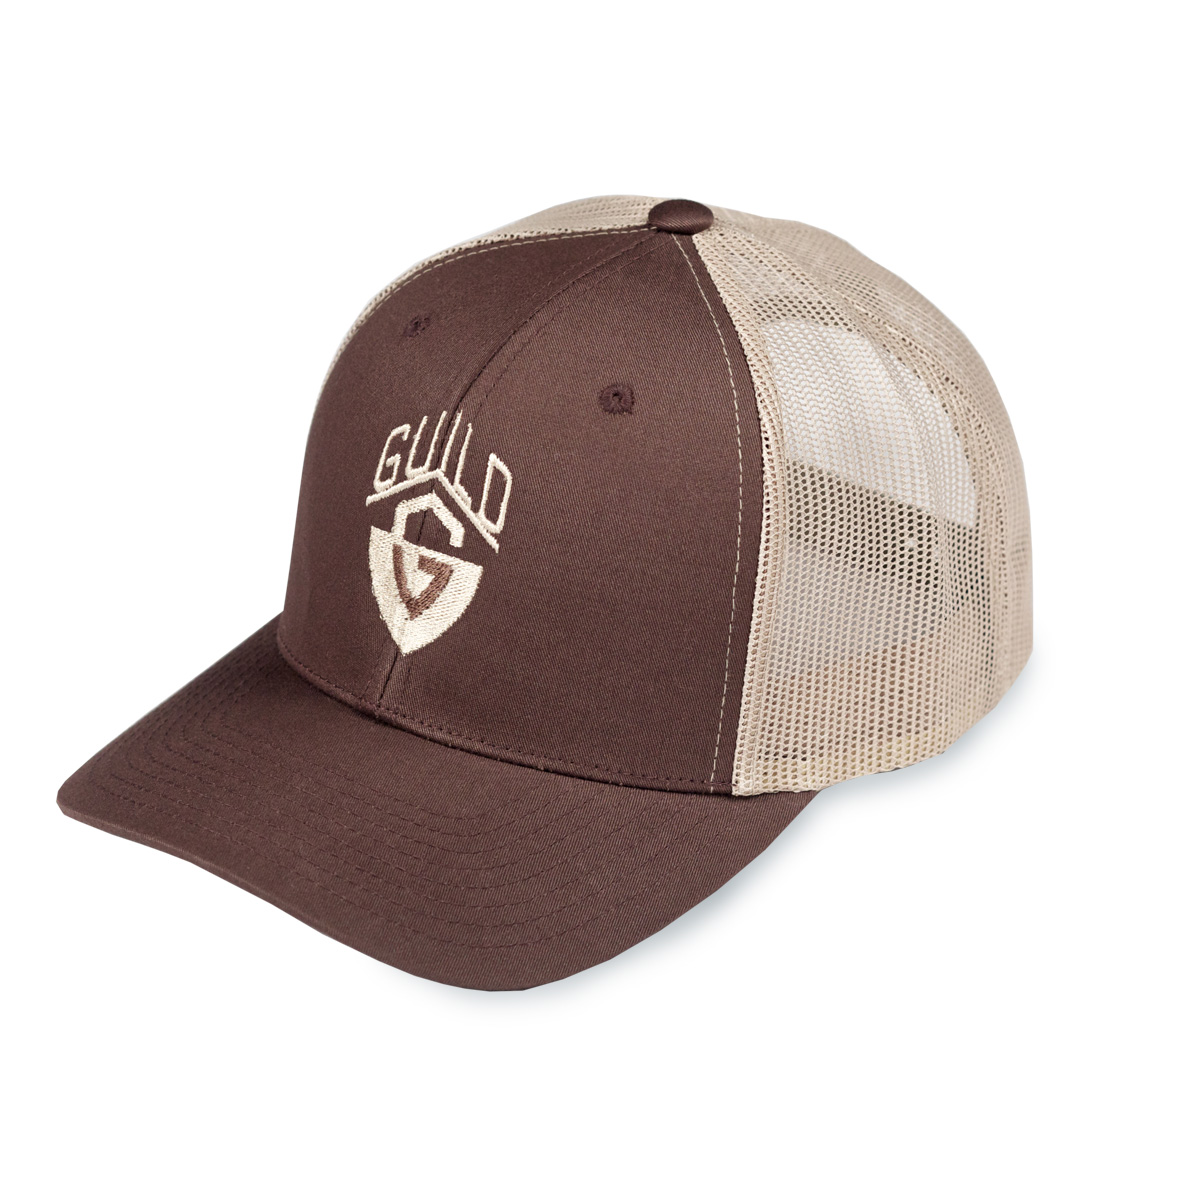 Trucker Hat in Khaki  5fafd5df908